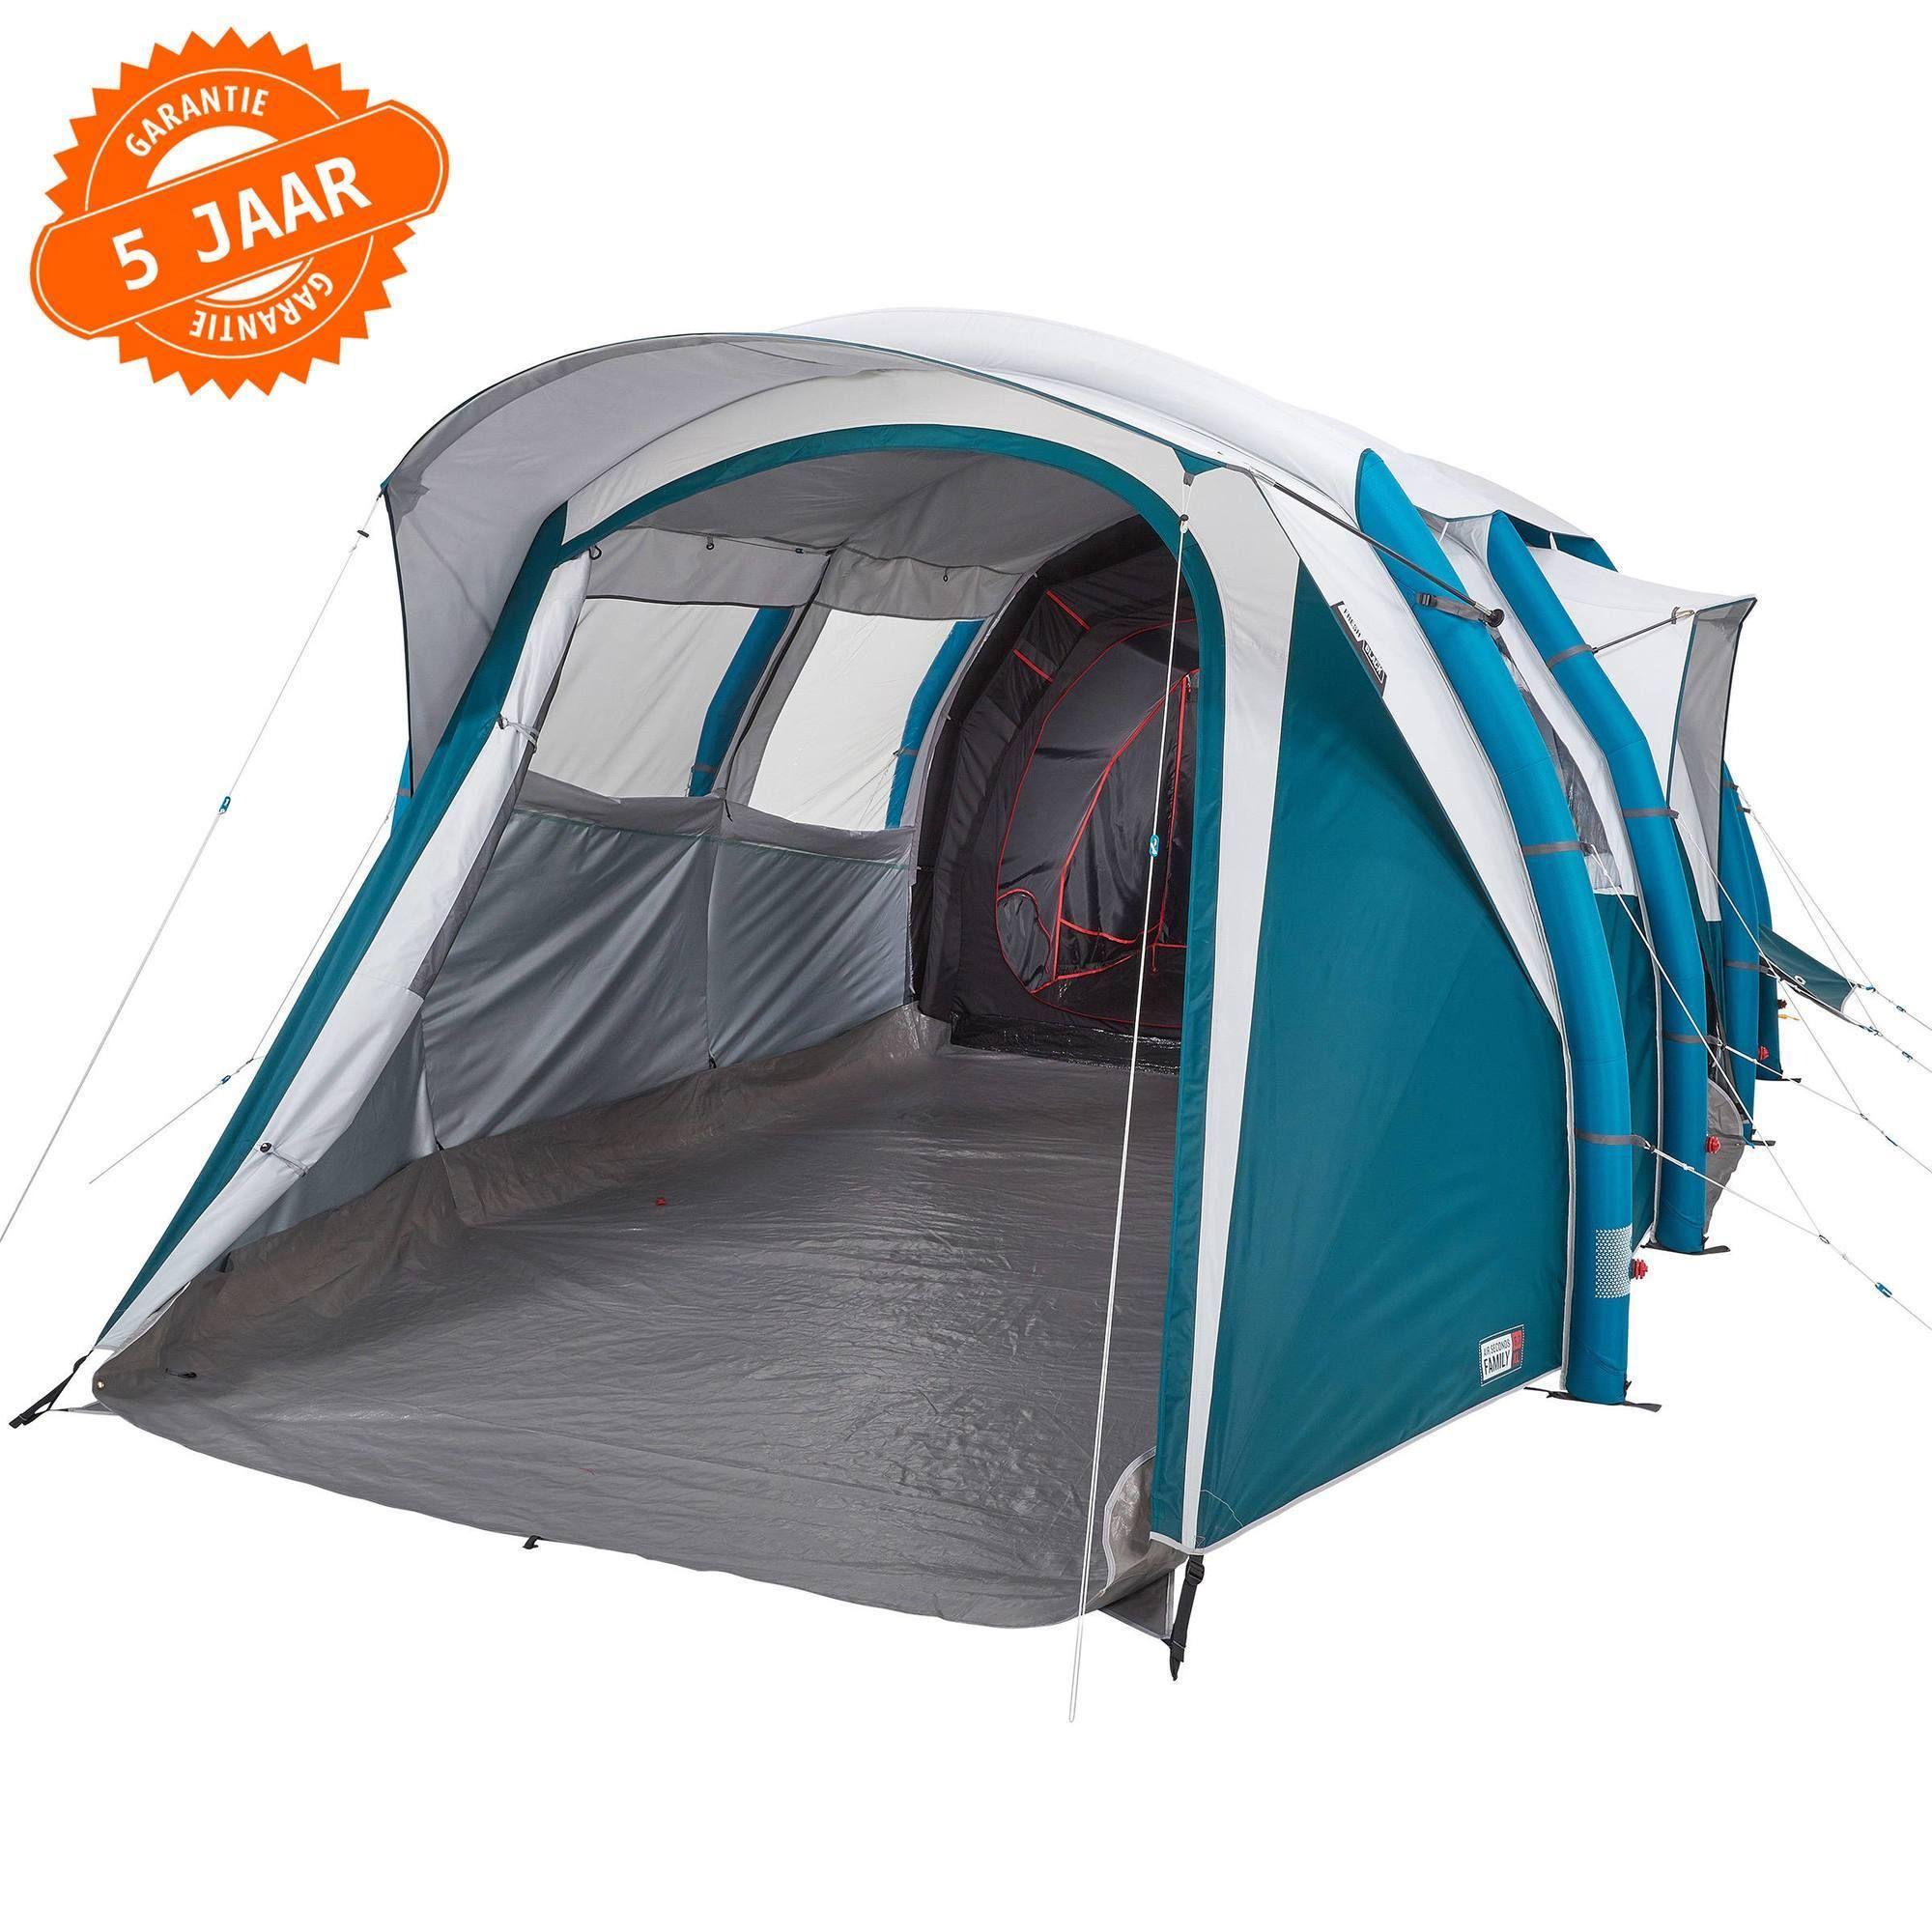 Opblaasbare Gezinstent Family 6 3 Xl Fresh Black 6 Personen Ontworpen Voor Een Gezin Van Zes Dat Een Gemakkelijk Op T Kamperen Met De Tent Tent Pop Up Tent